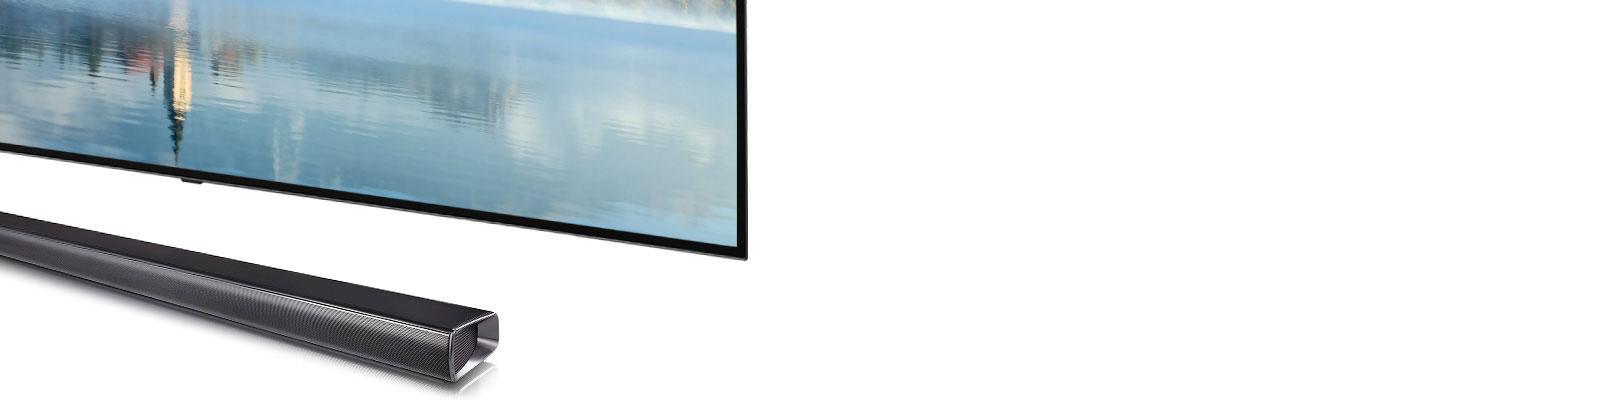 4K UHD HDR Smart LED TV - 49'' Class (48 5'' Diag)